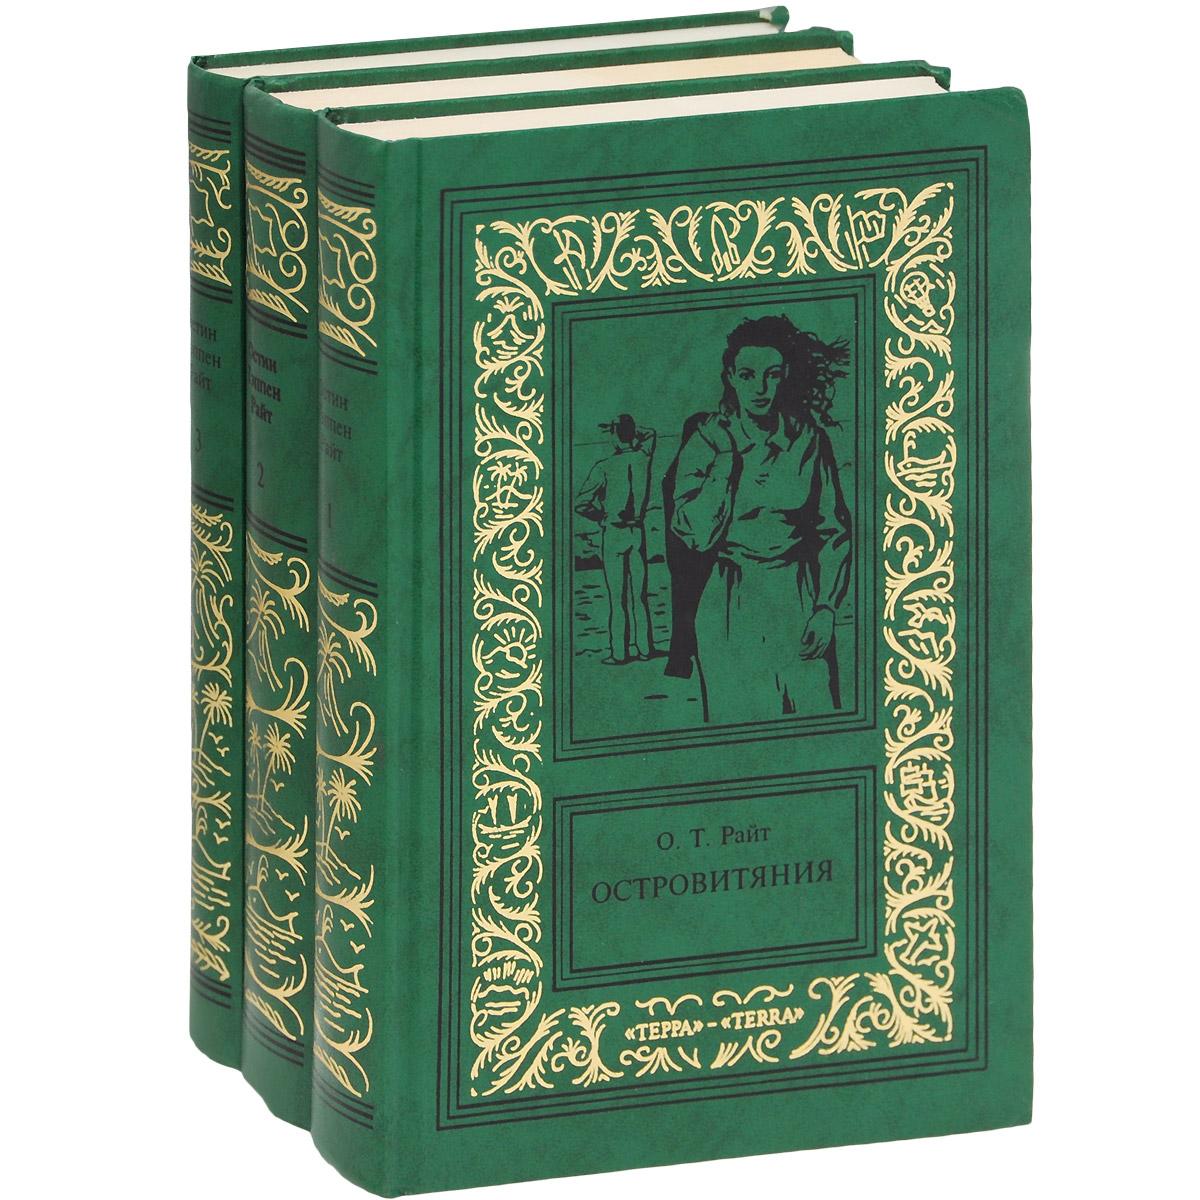 О. Т. Райт. Сочинения в 3 томах. Островитяния (комплект из 3 книг)